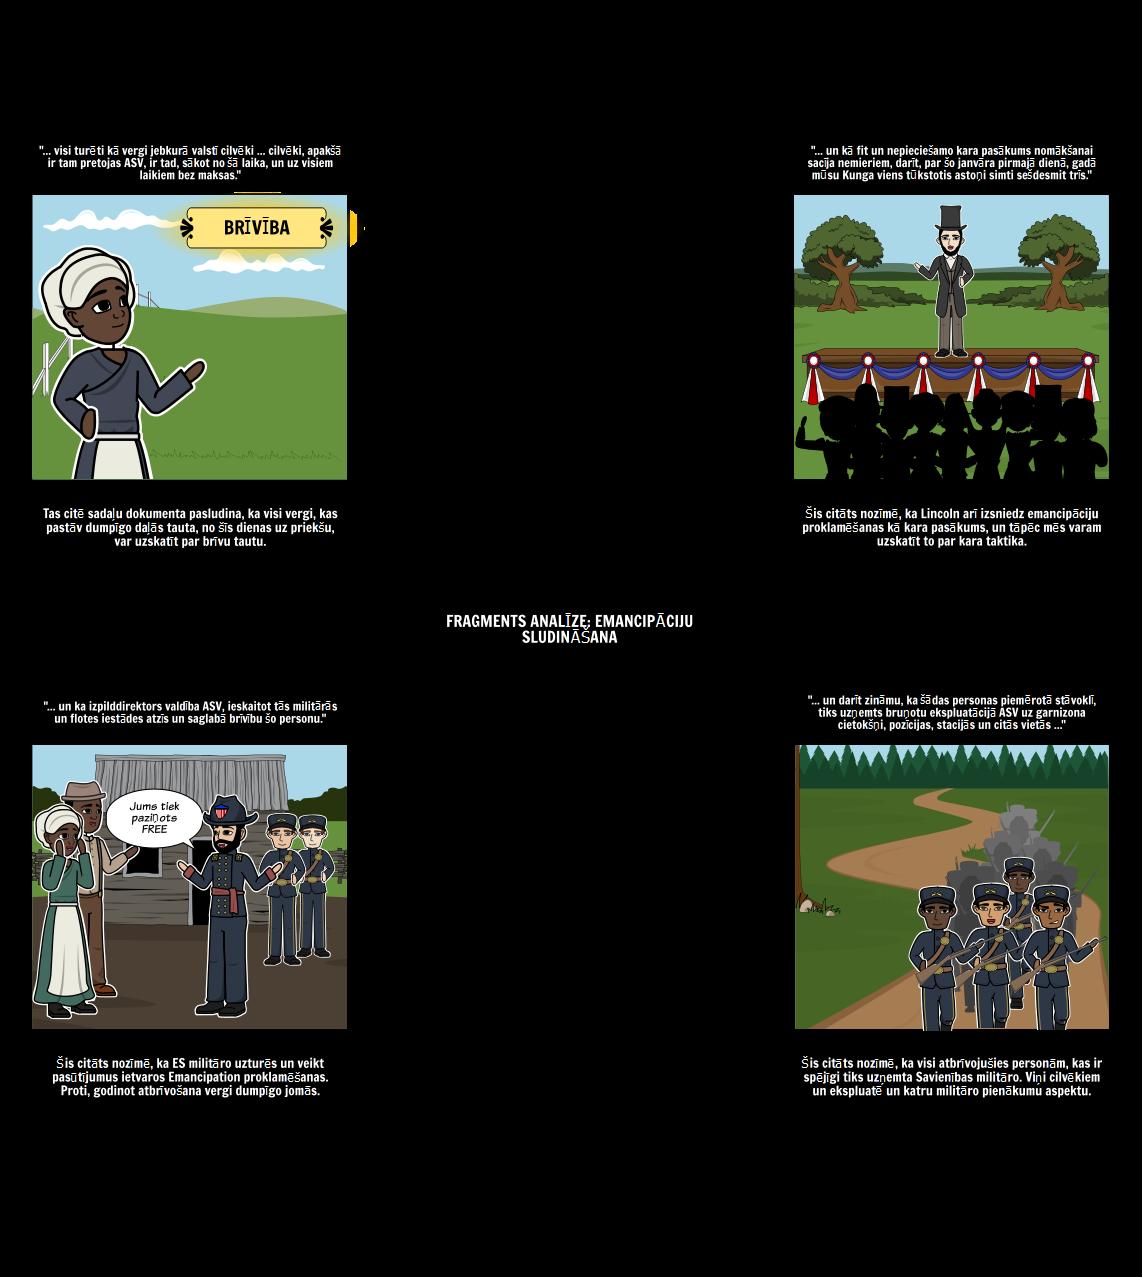 Emancipāciju Proklamēšana Fragments Analīze